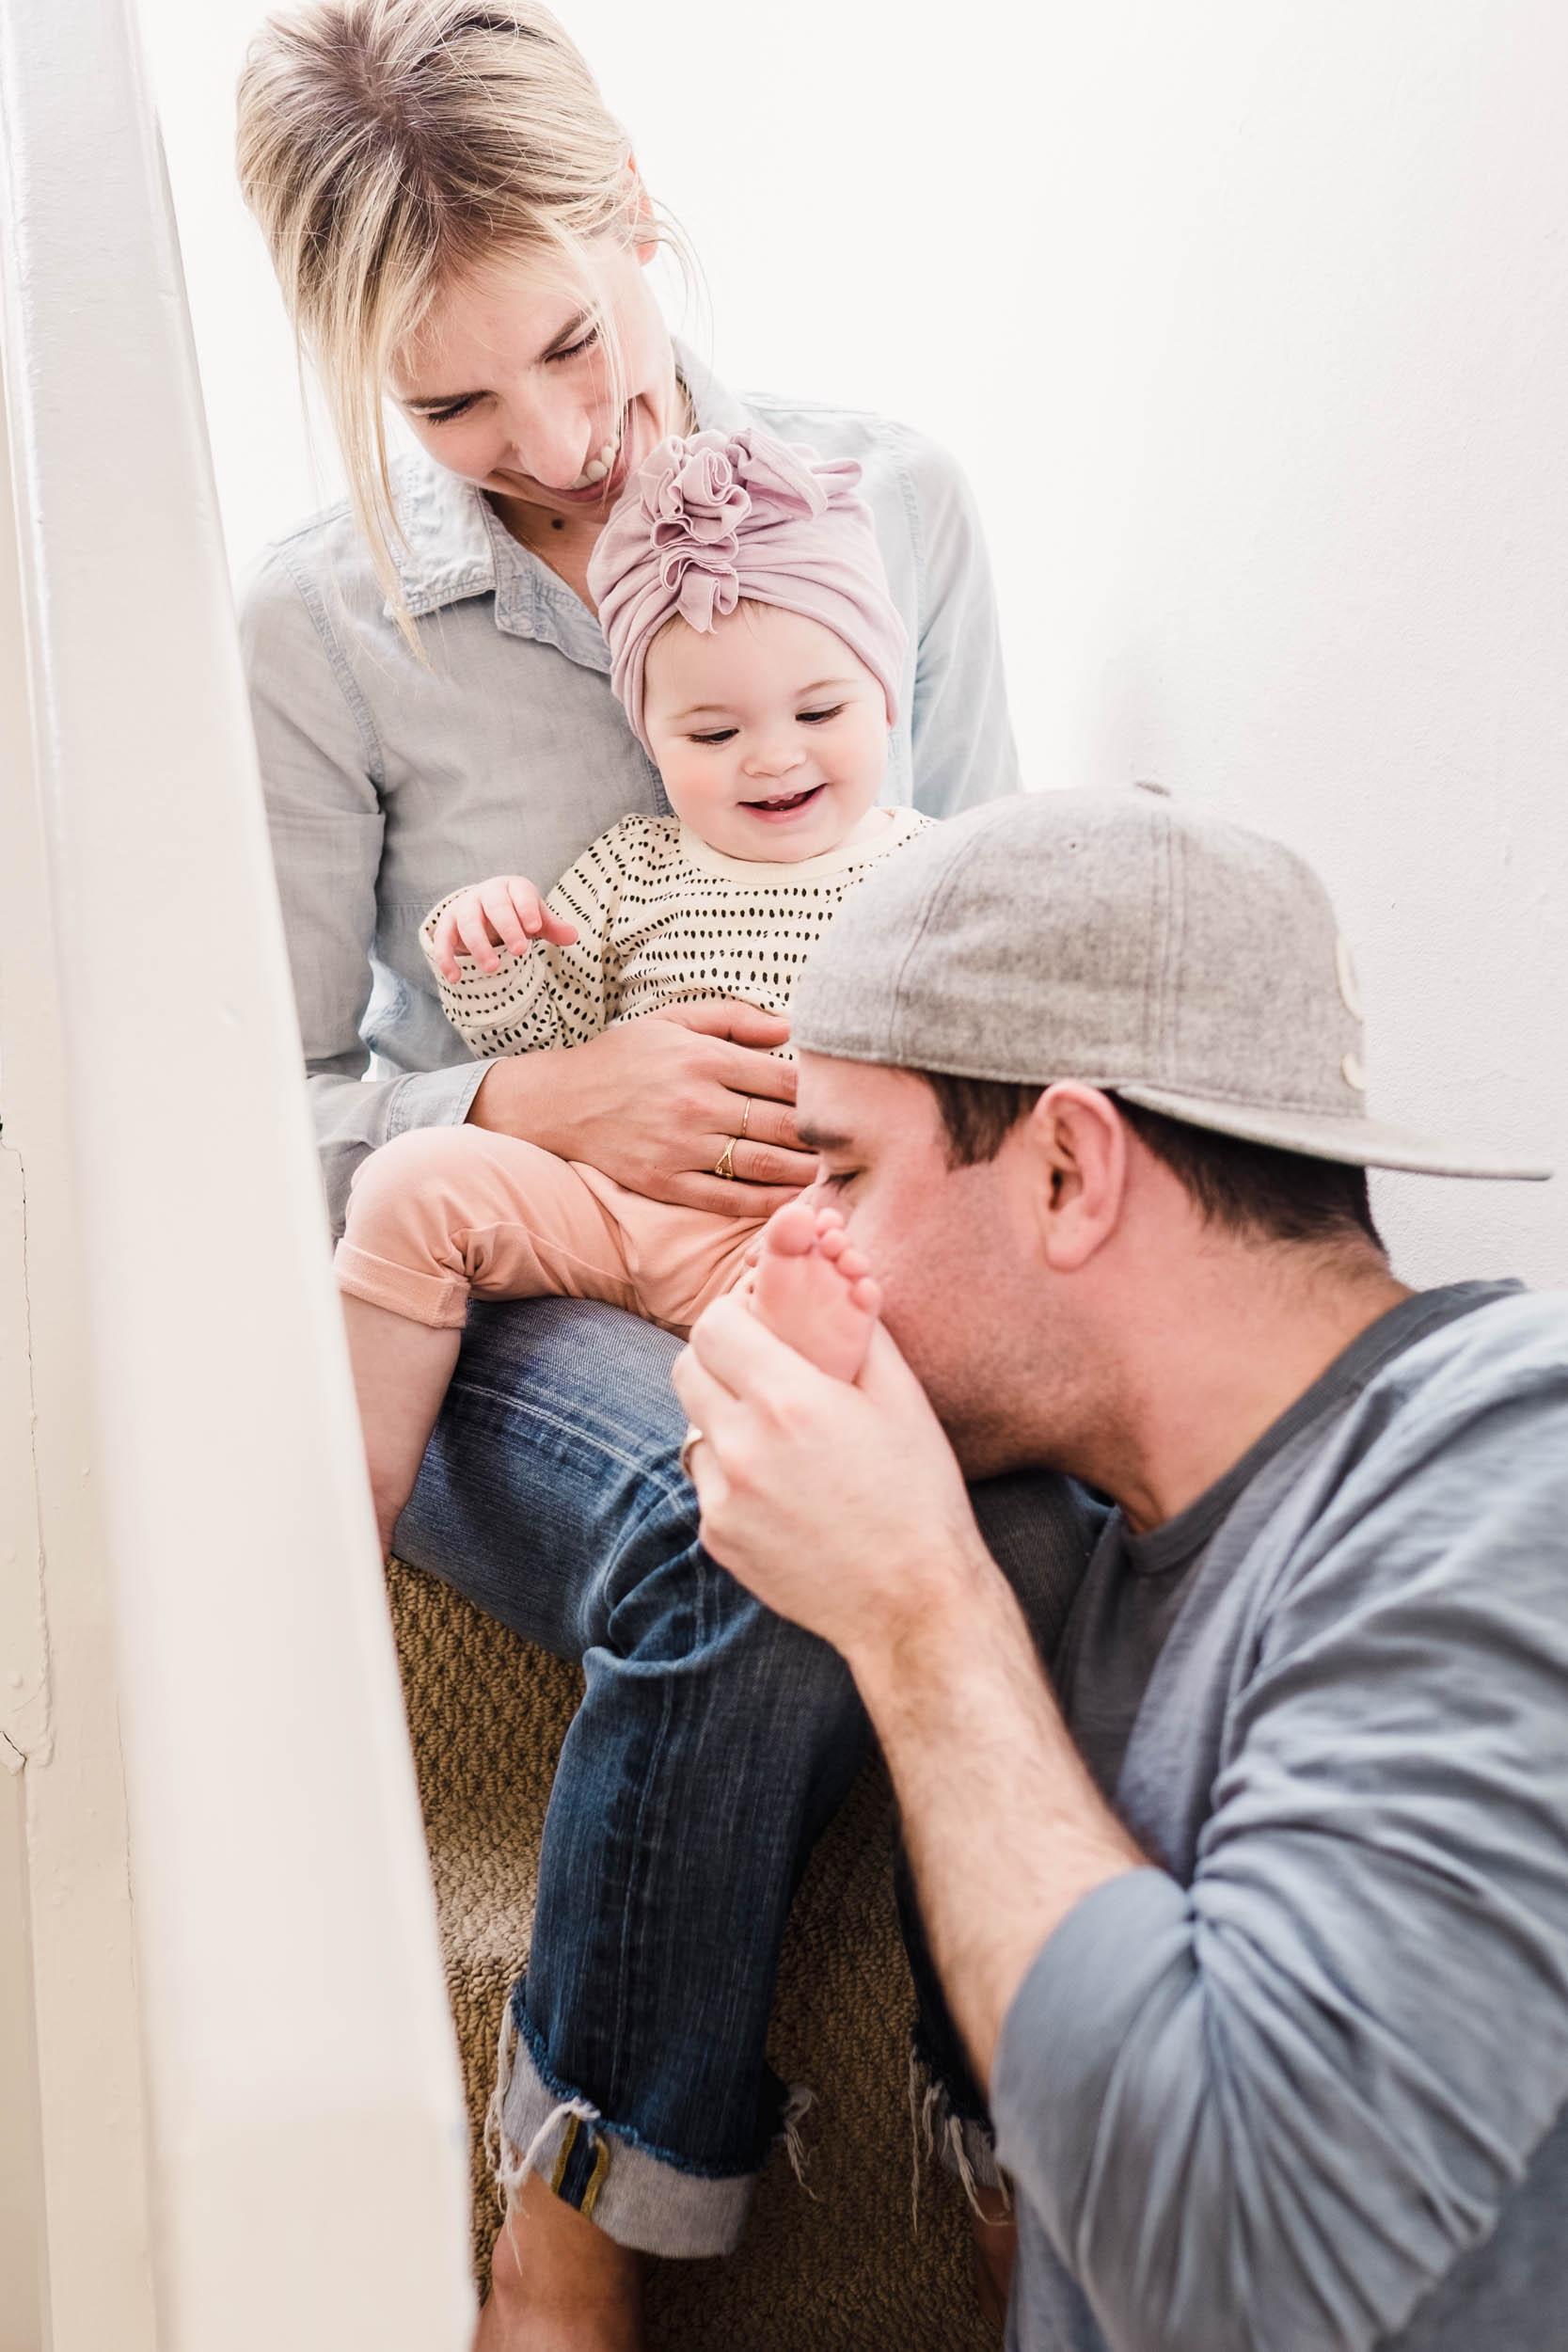 Kristen-Humbert-Family-Photoshoot-Philadelphia_Ruby-James-W-7243.jpg